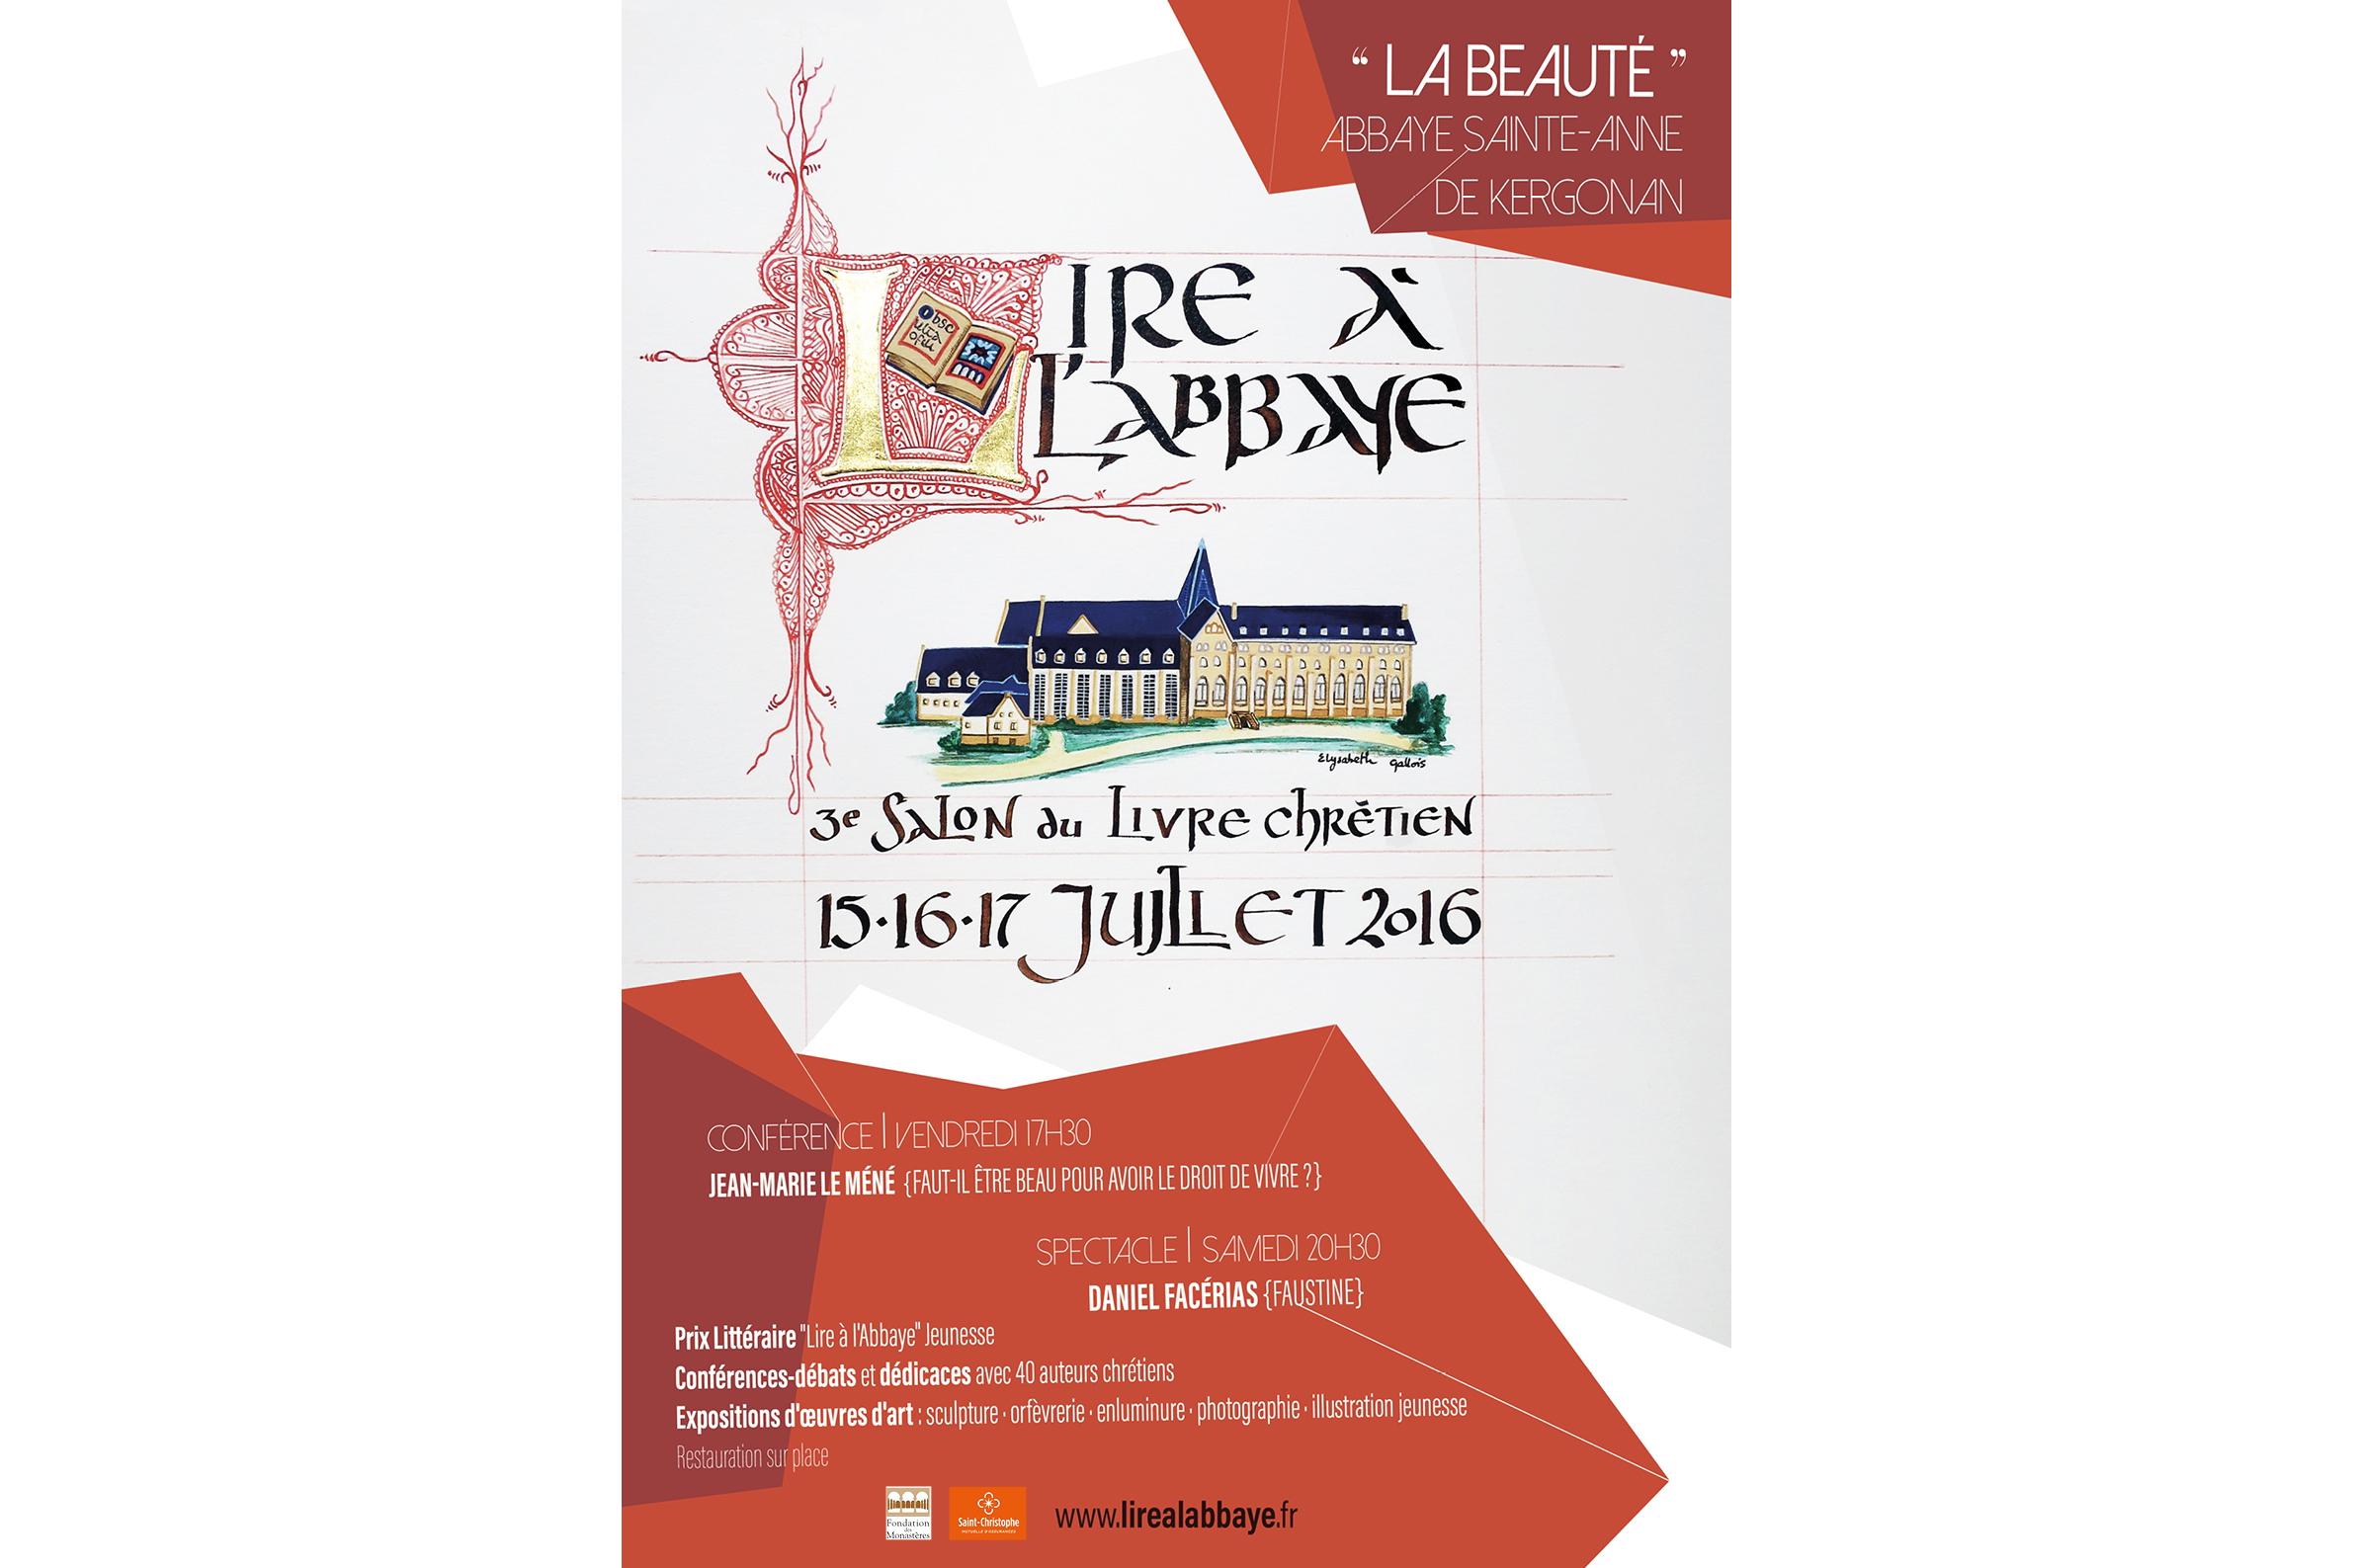 Affiche de Lire à l'Abbaye, salon du livre chrétien à l'Abbaye de Kergonan © lirealabbaye.fr/